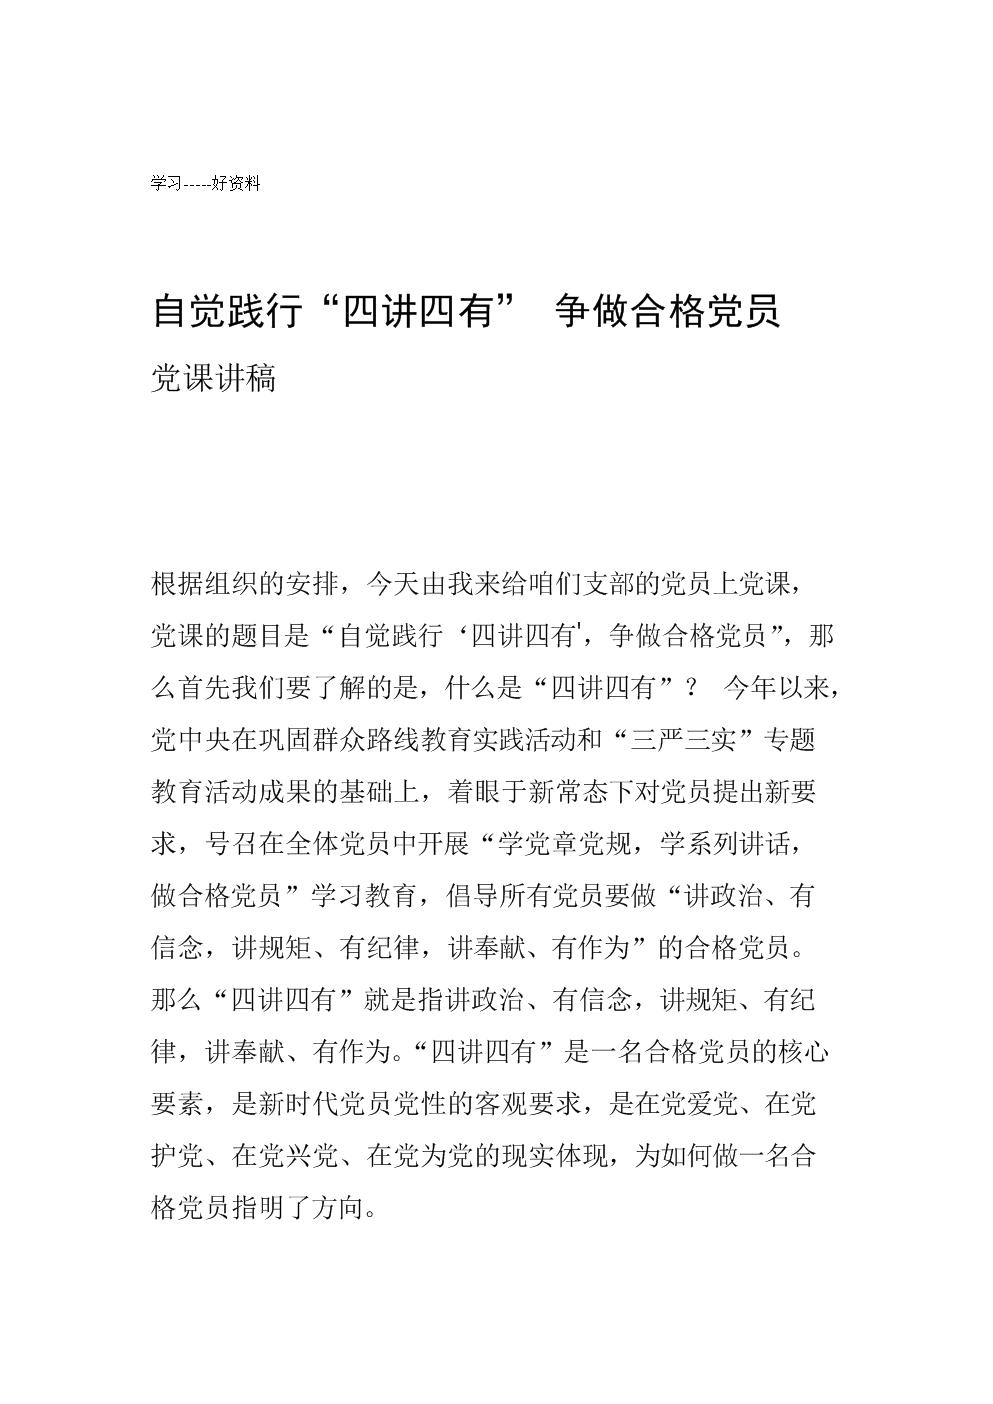 自觉践行四讲四有做合格党员 党课讲稿汇编.doc